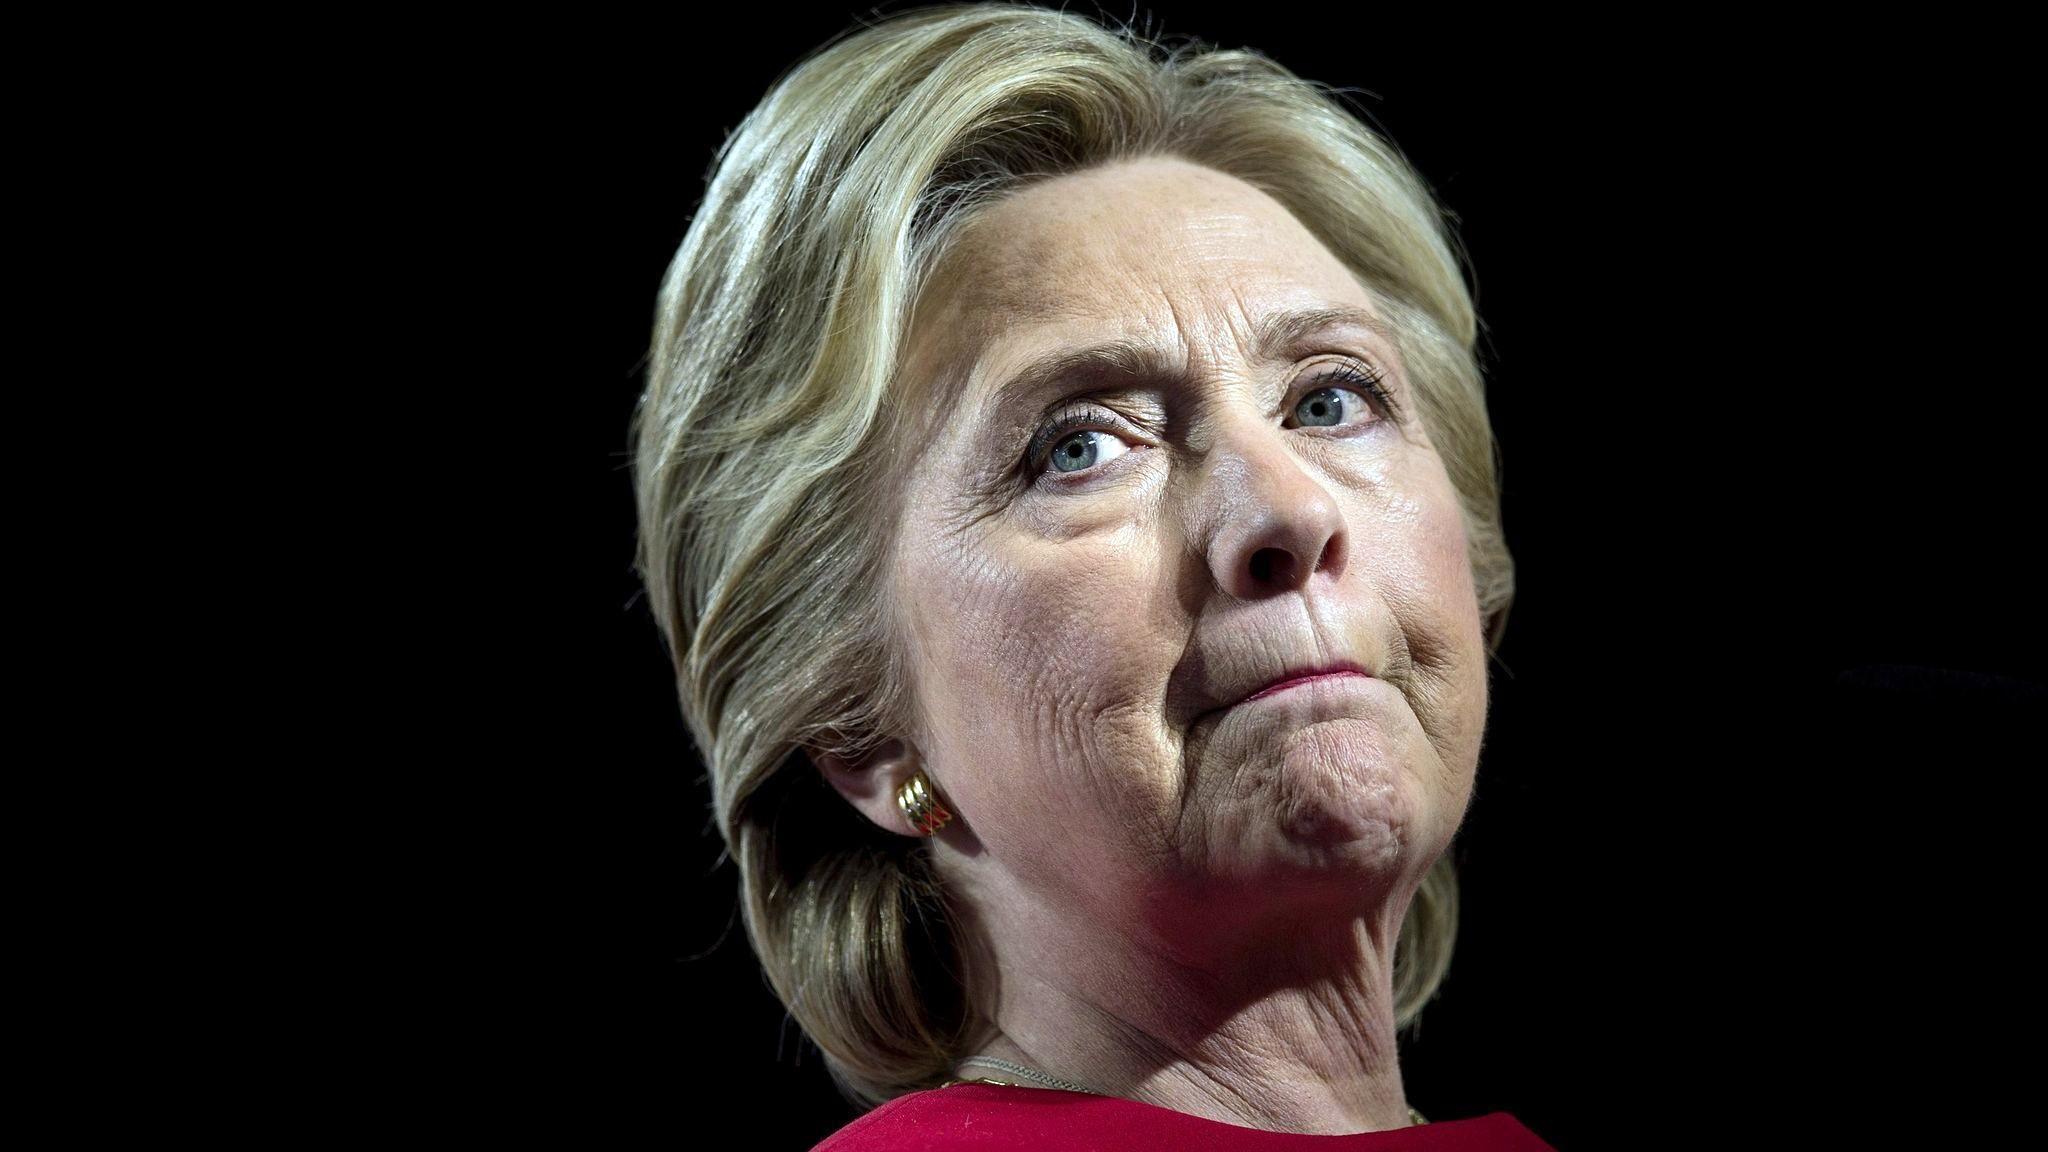 """Hillary Clinton: nessun dubbio su legami Trump-Putin per farmi perdere. """"E' stata una faida personale"""""""